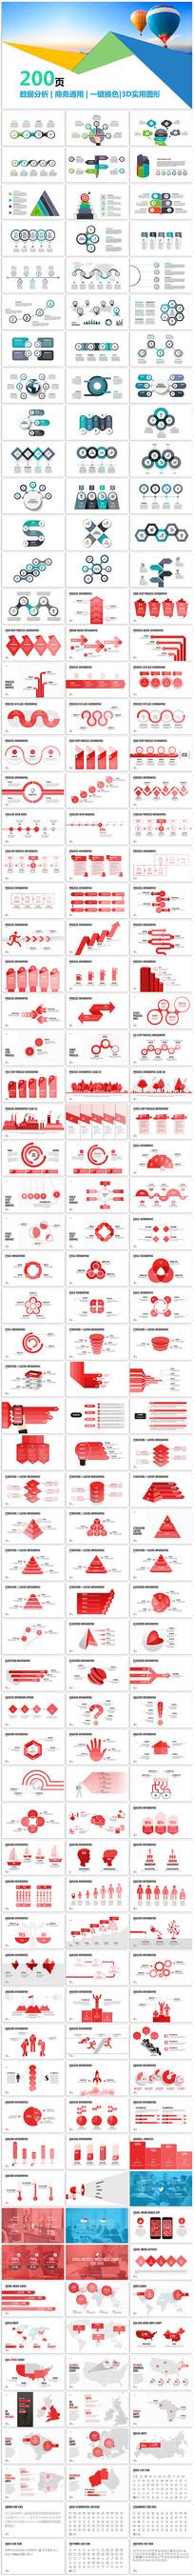 彩色欧美高端商务数据PPT图表集